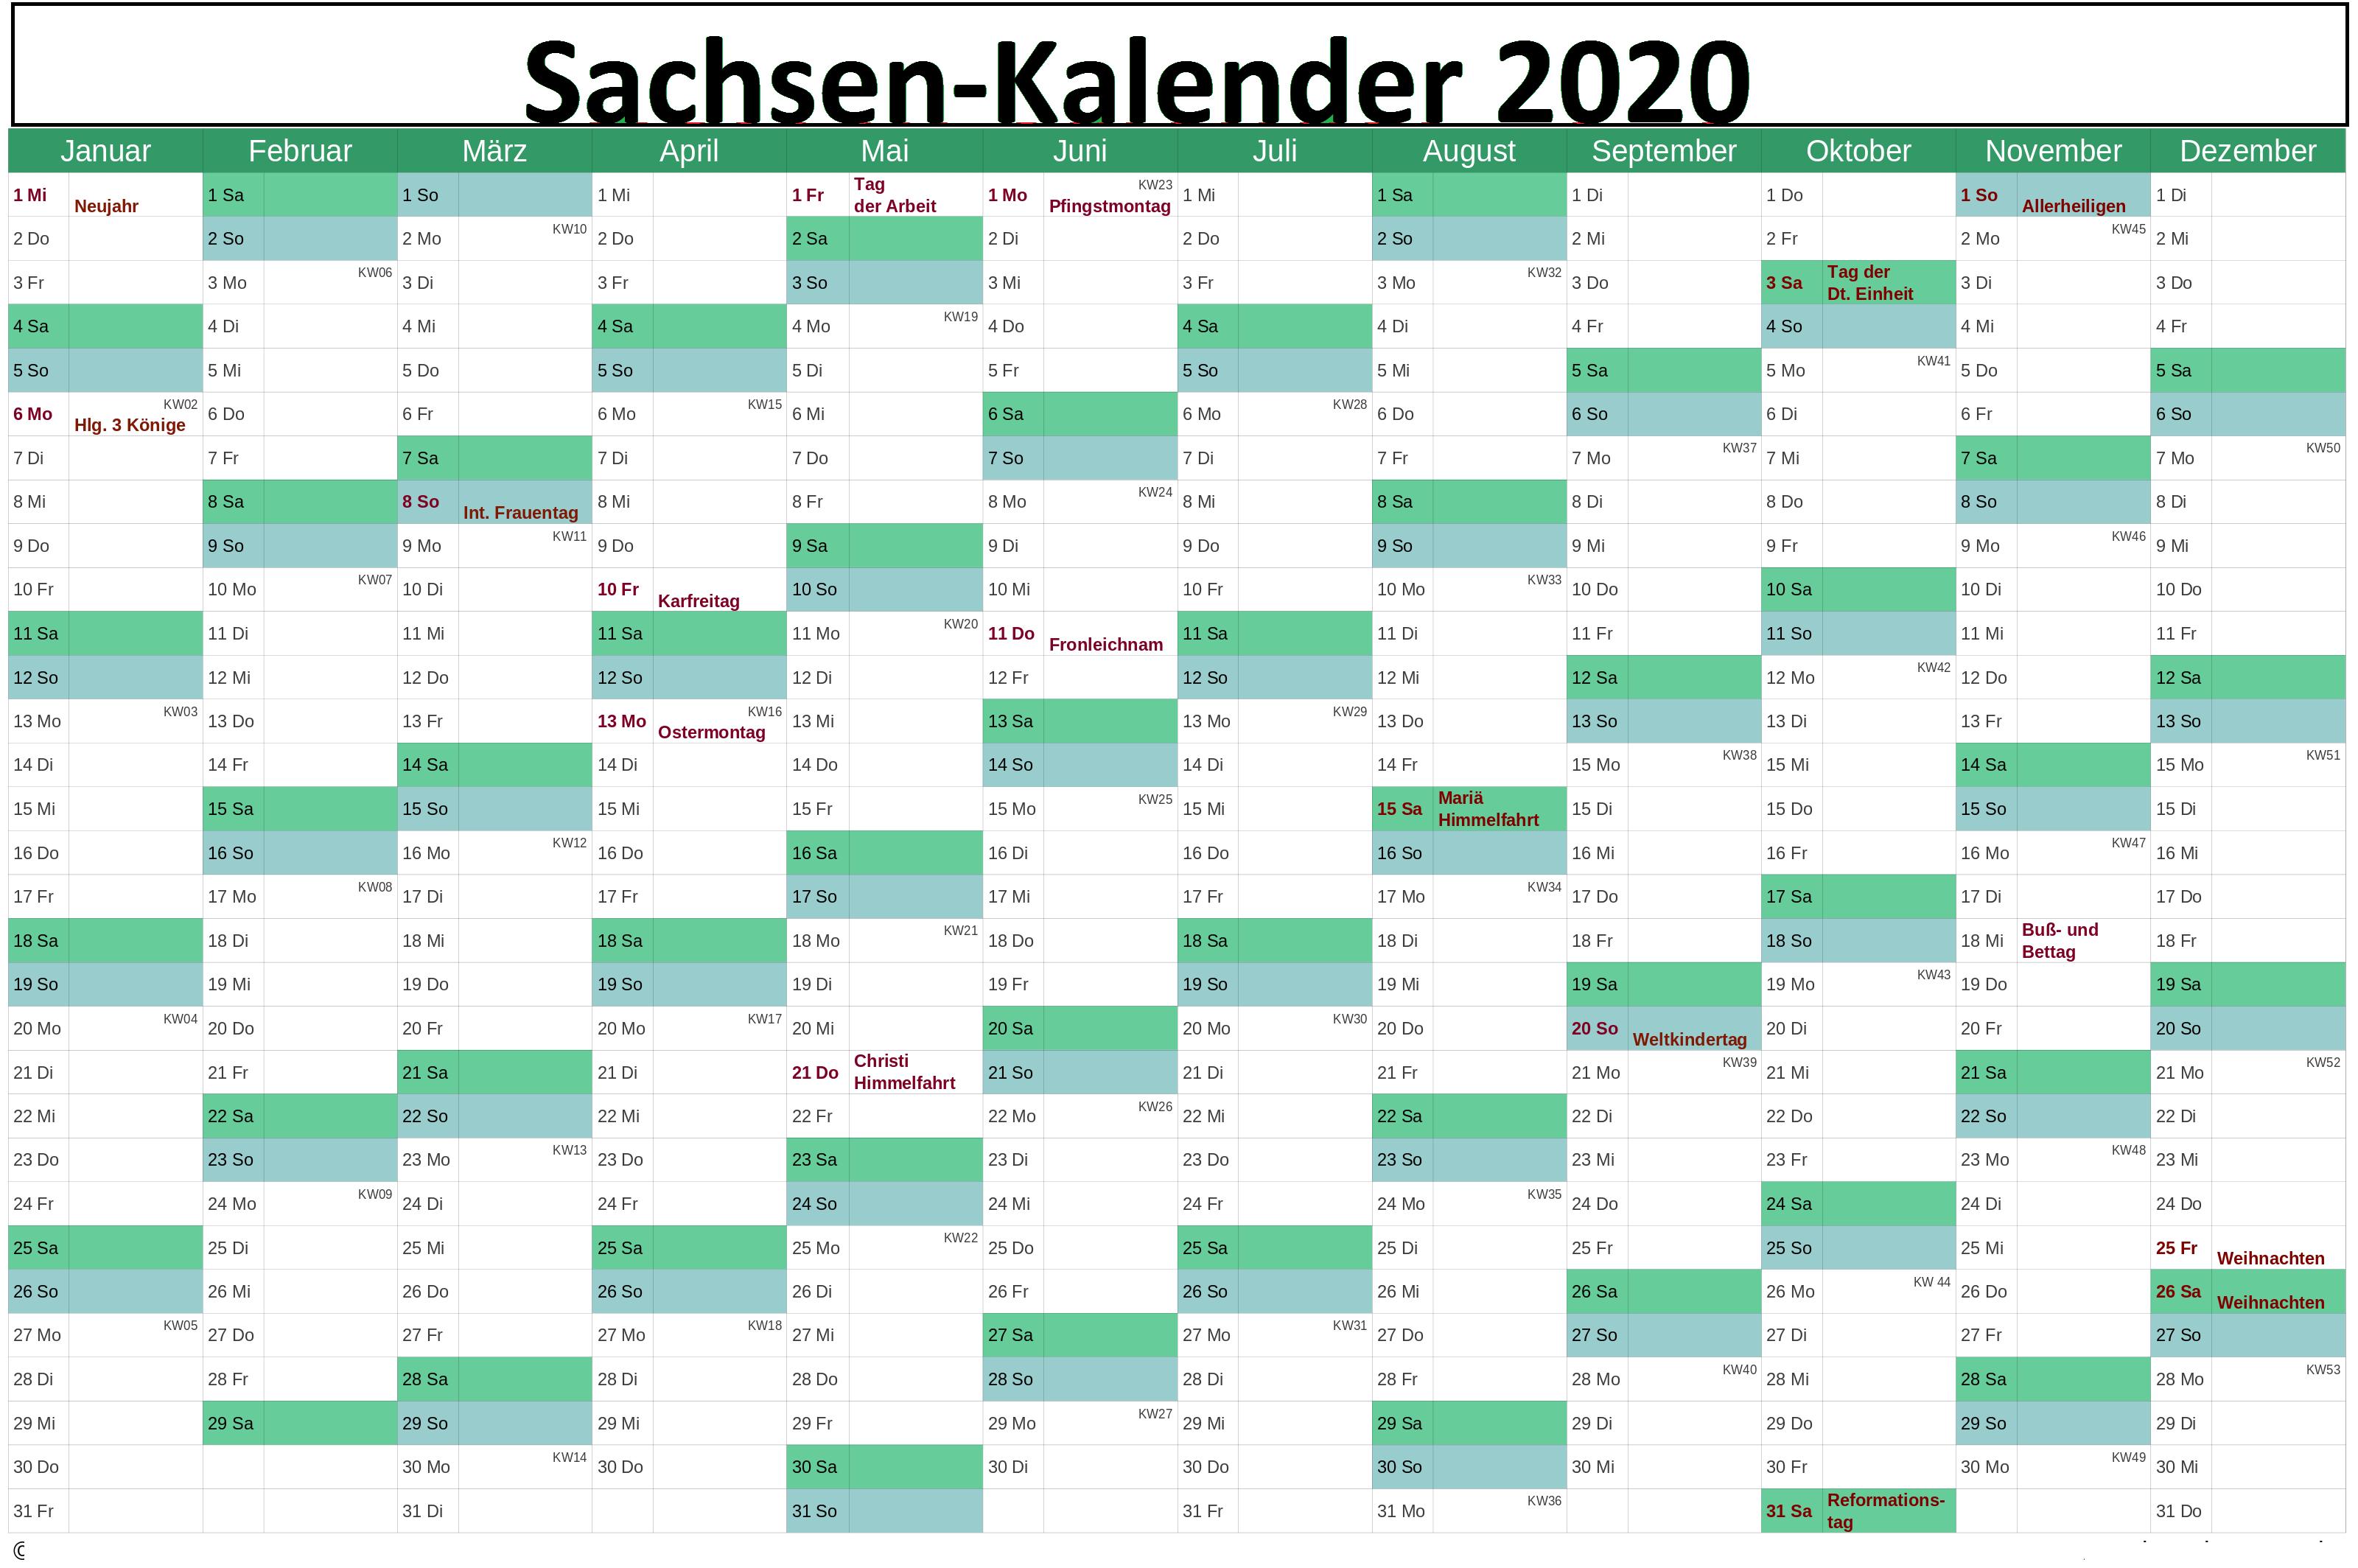 Kalender Sachsen 2020 Zum Ausdrucken